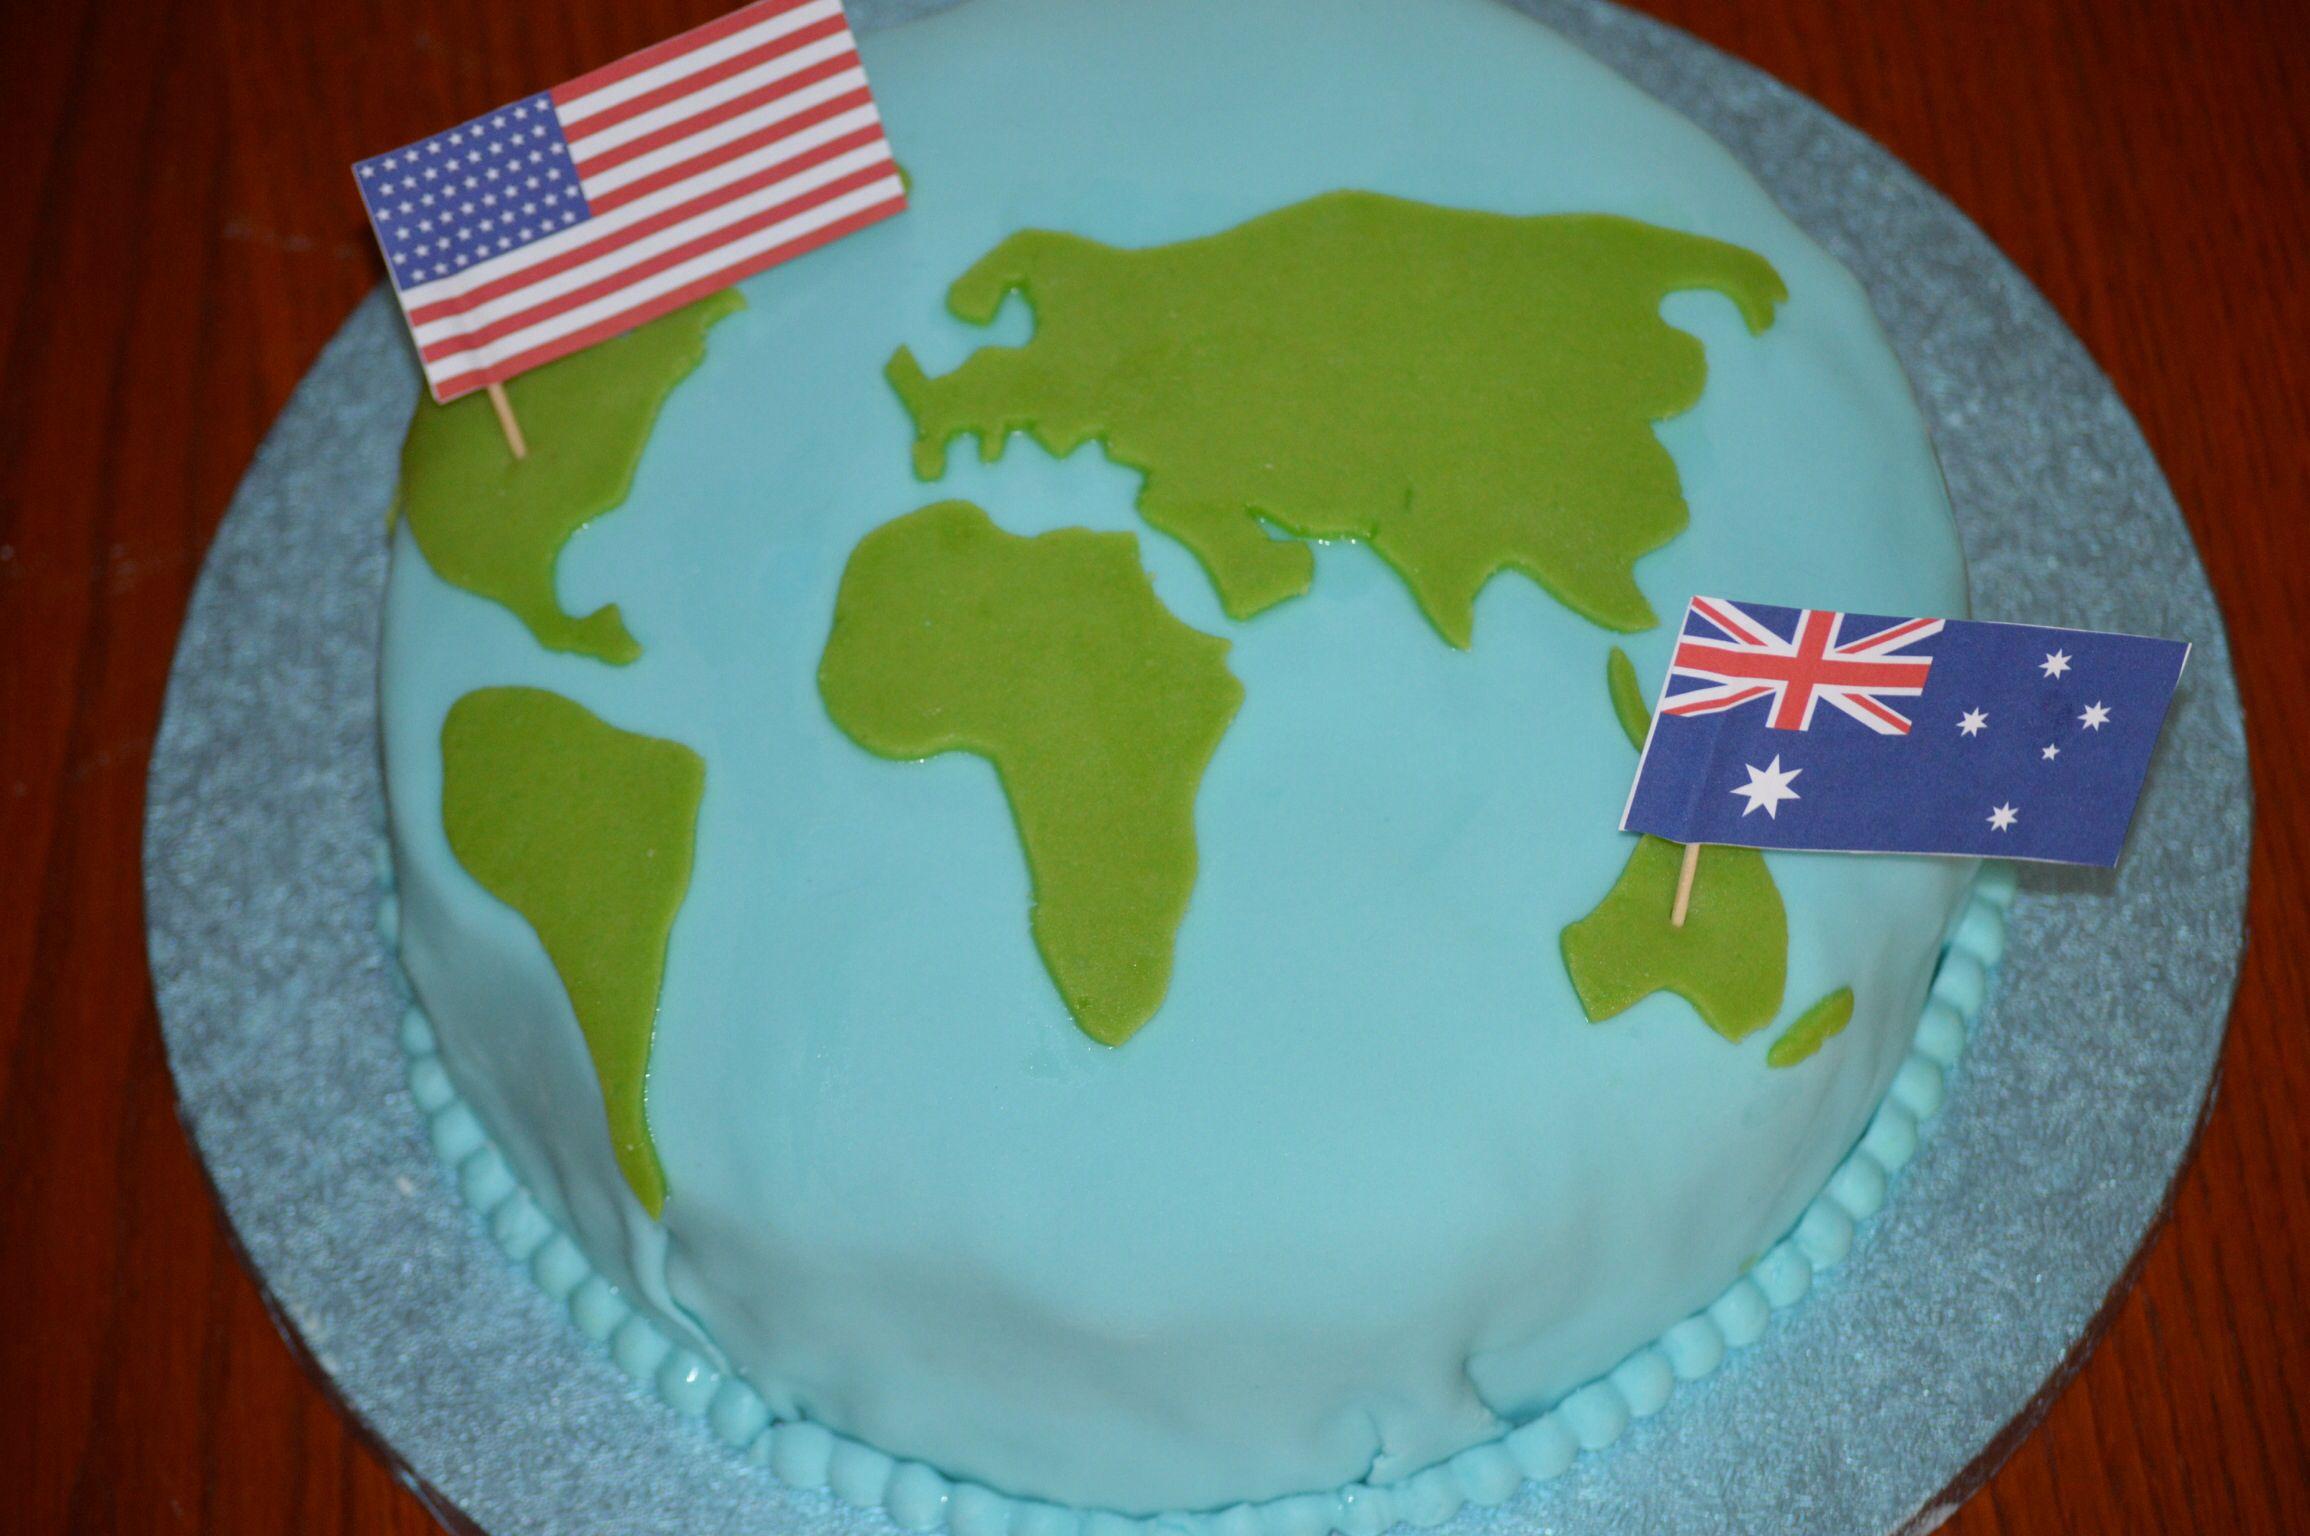 World map travel cake yummy stuff pinterest travel cake cake world map travel cake gumiabroncs Gallery